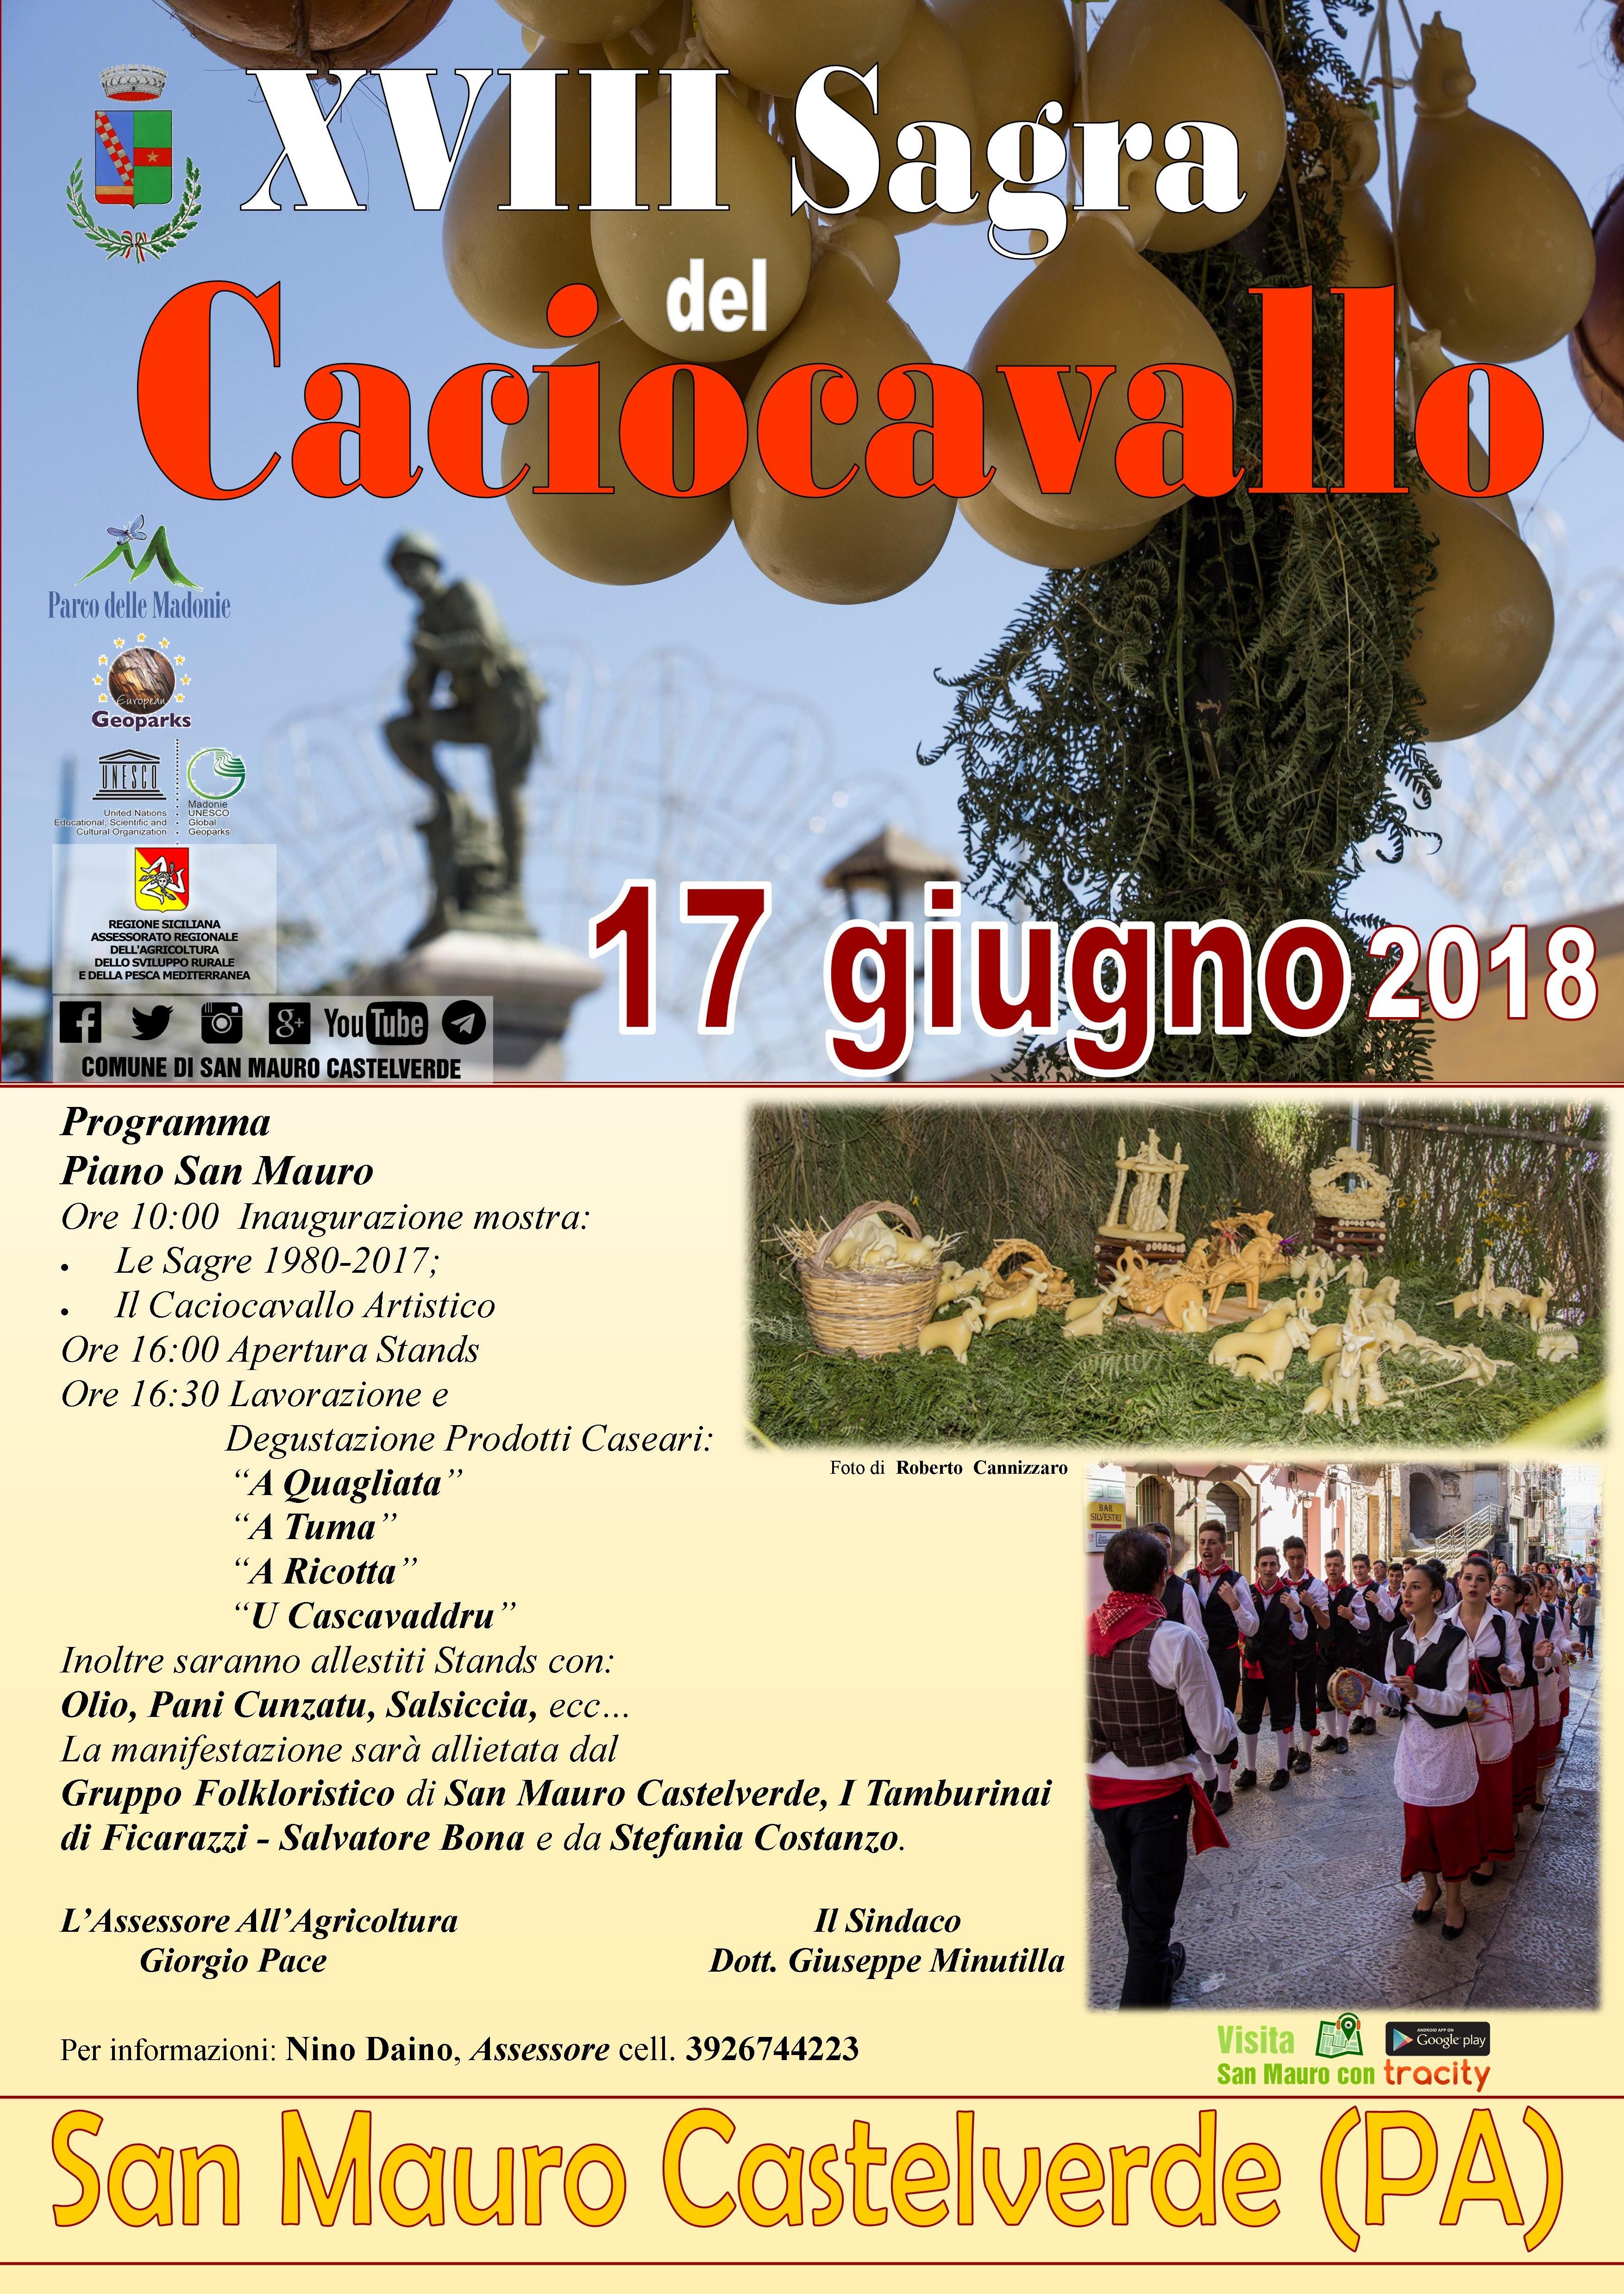 """""""XVIII Sagra del Caciocavallo""""a San Mauro Castelverde, il programma dell'evento"""